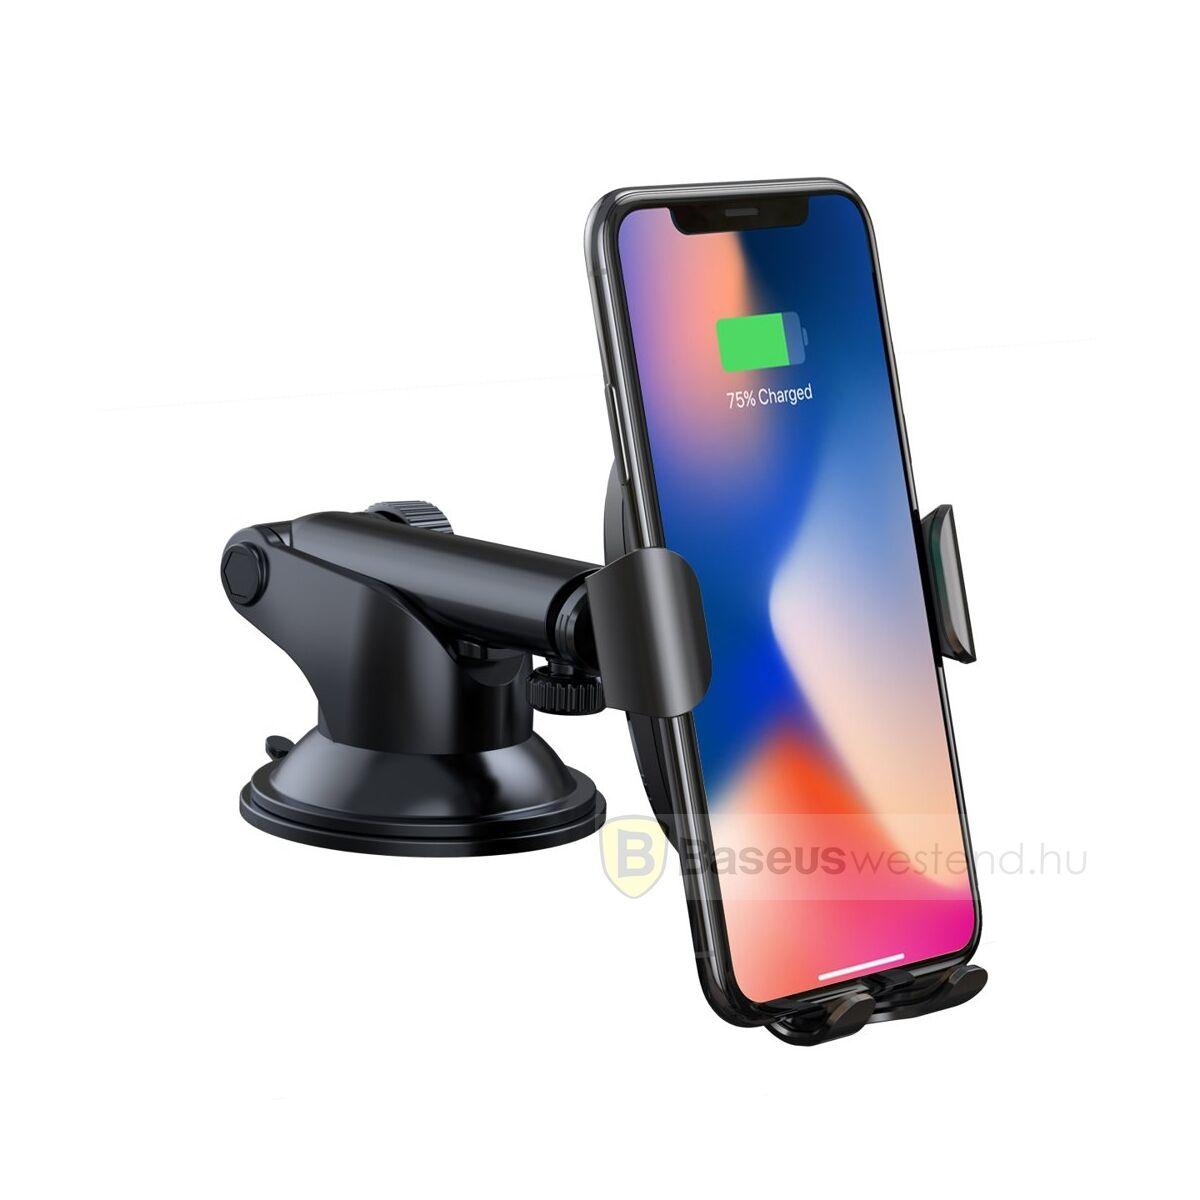 Baseus autós telefon tartó, vezeték nélküli töltő állítható karral, műszerfalra, fekete (WXYL-A01)